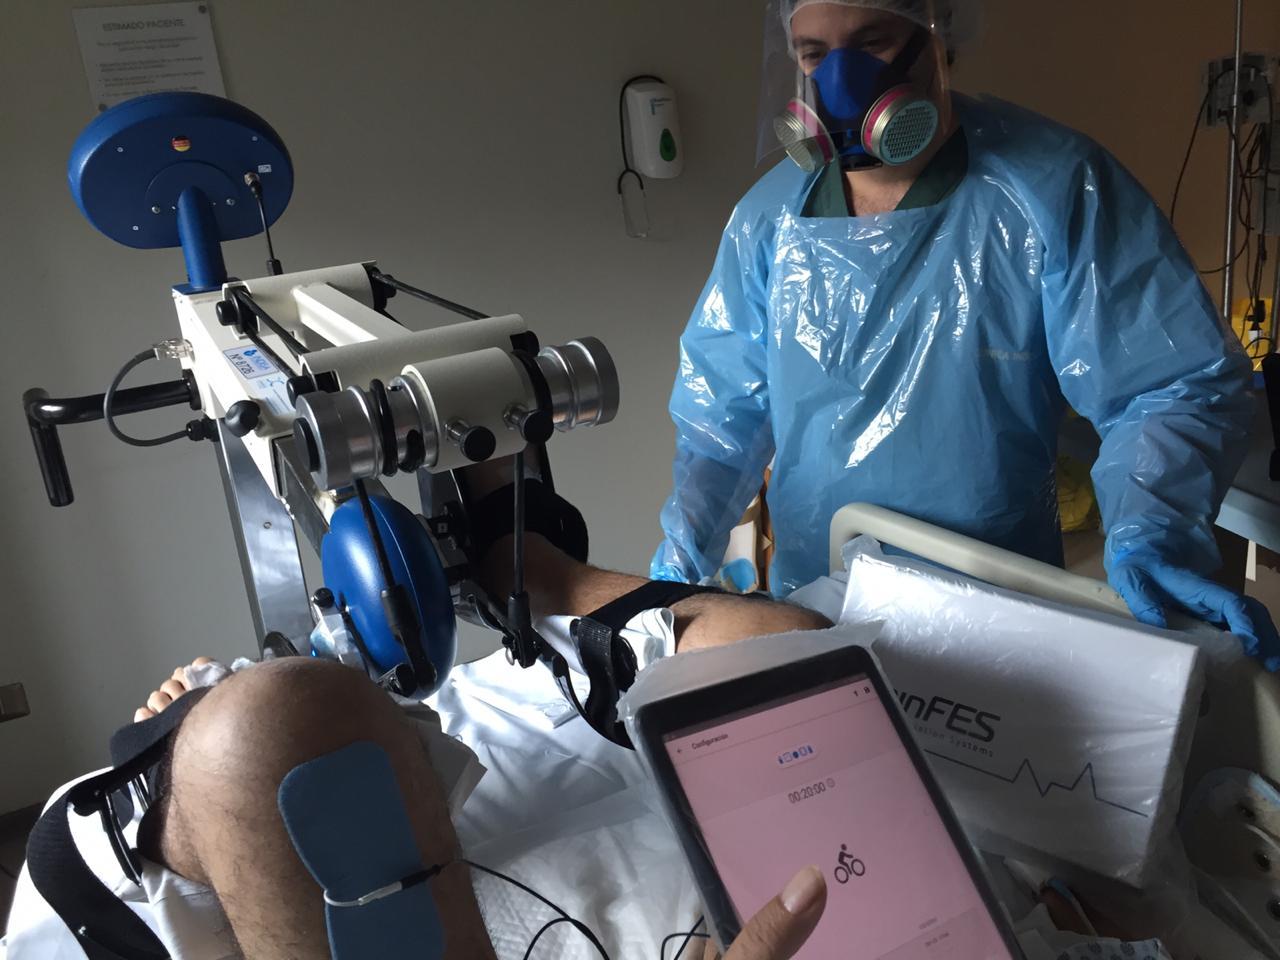 Centros de salud se arman de nuevas tecnologías en preparación de segunda ola COVID-19